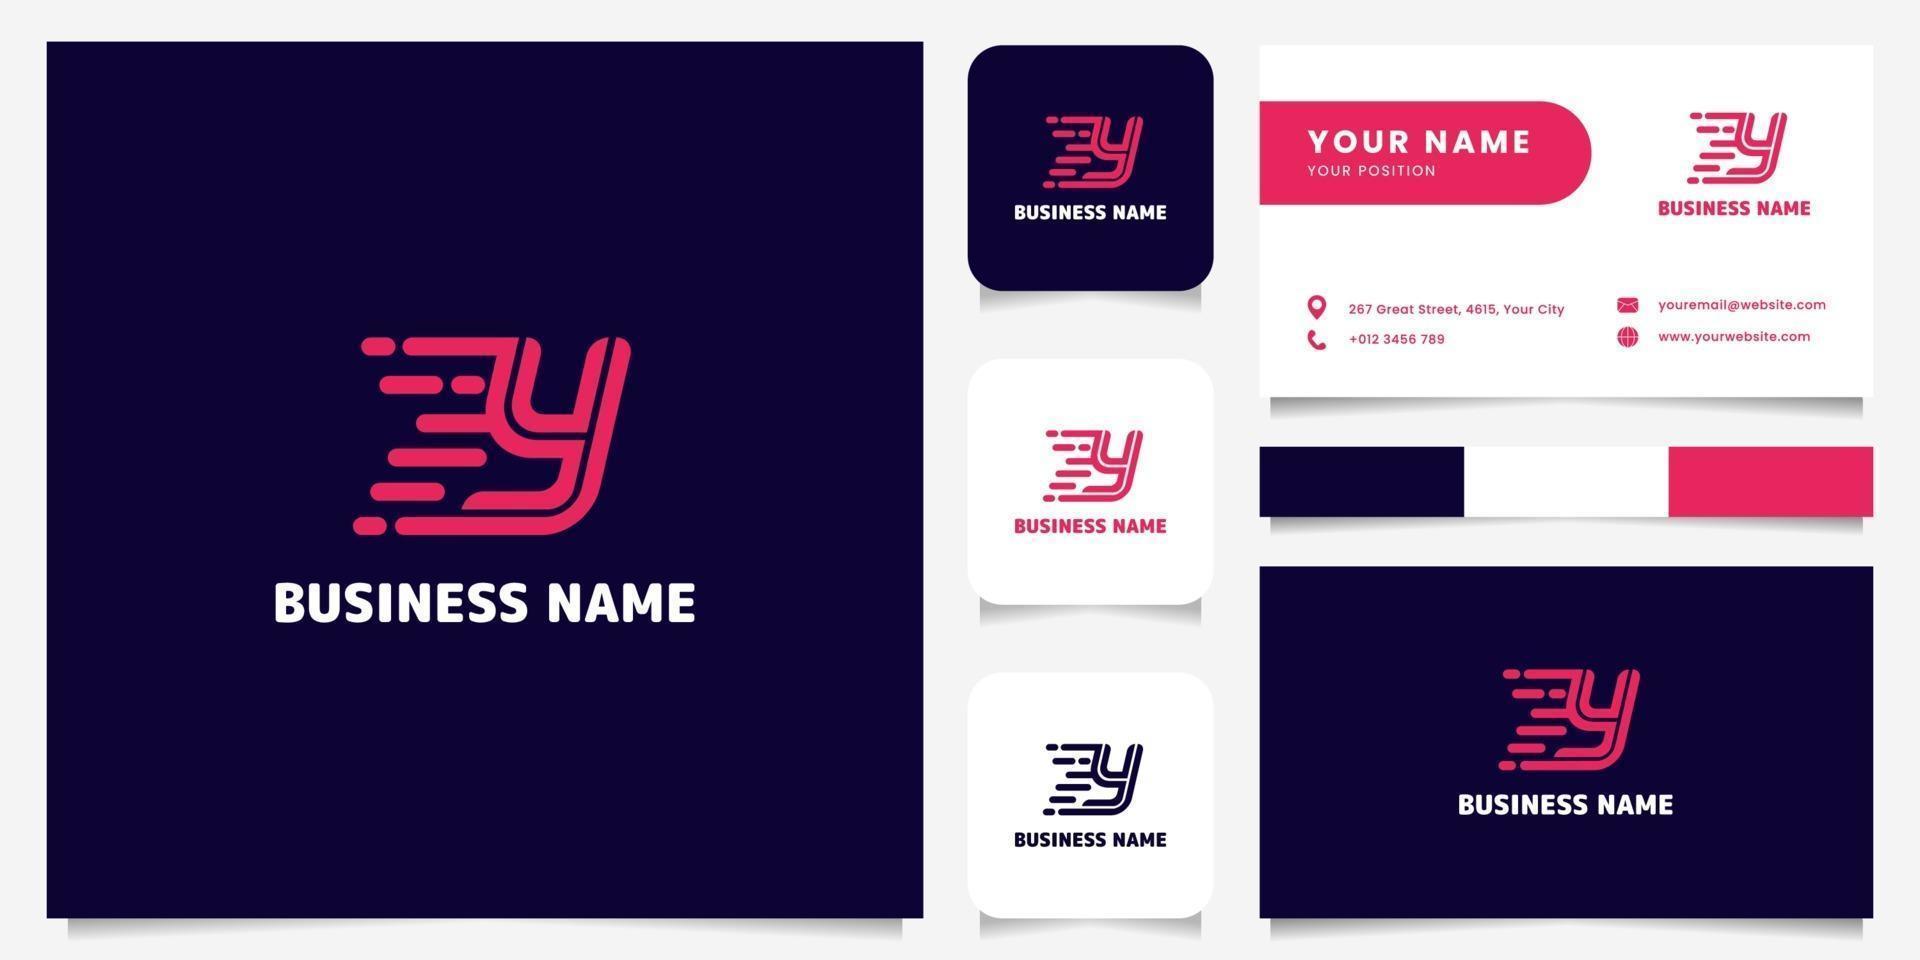 logo di velocità lettera y rosa brillante semplice e minimalista nel logo di sfondo scuro con modello di biglietto da visita vettore